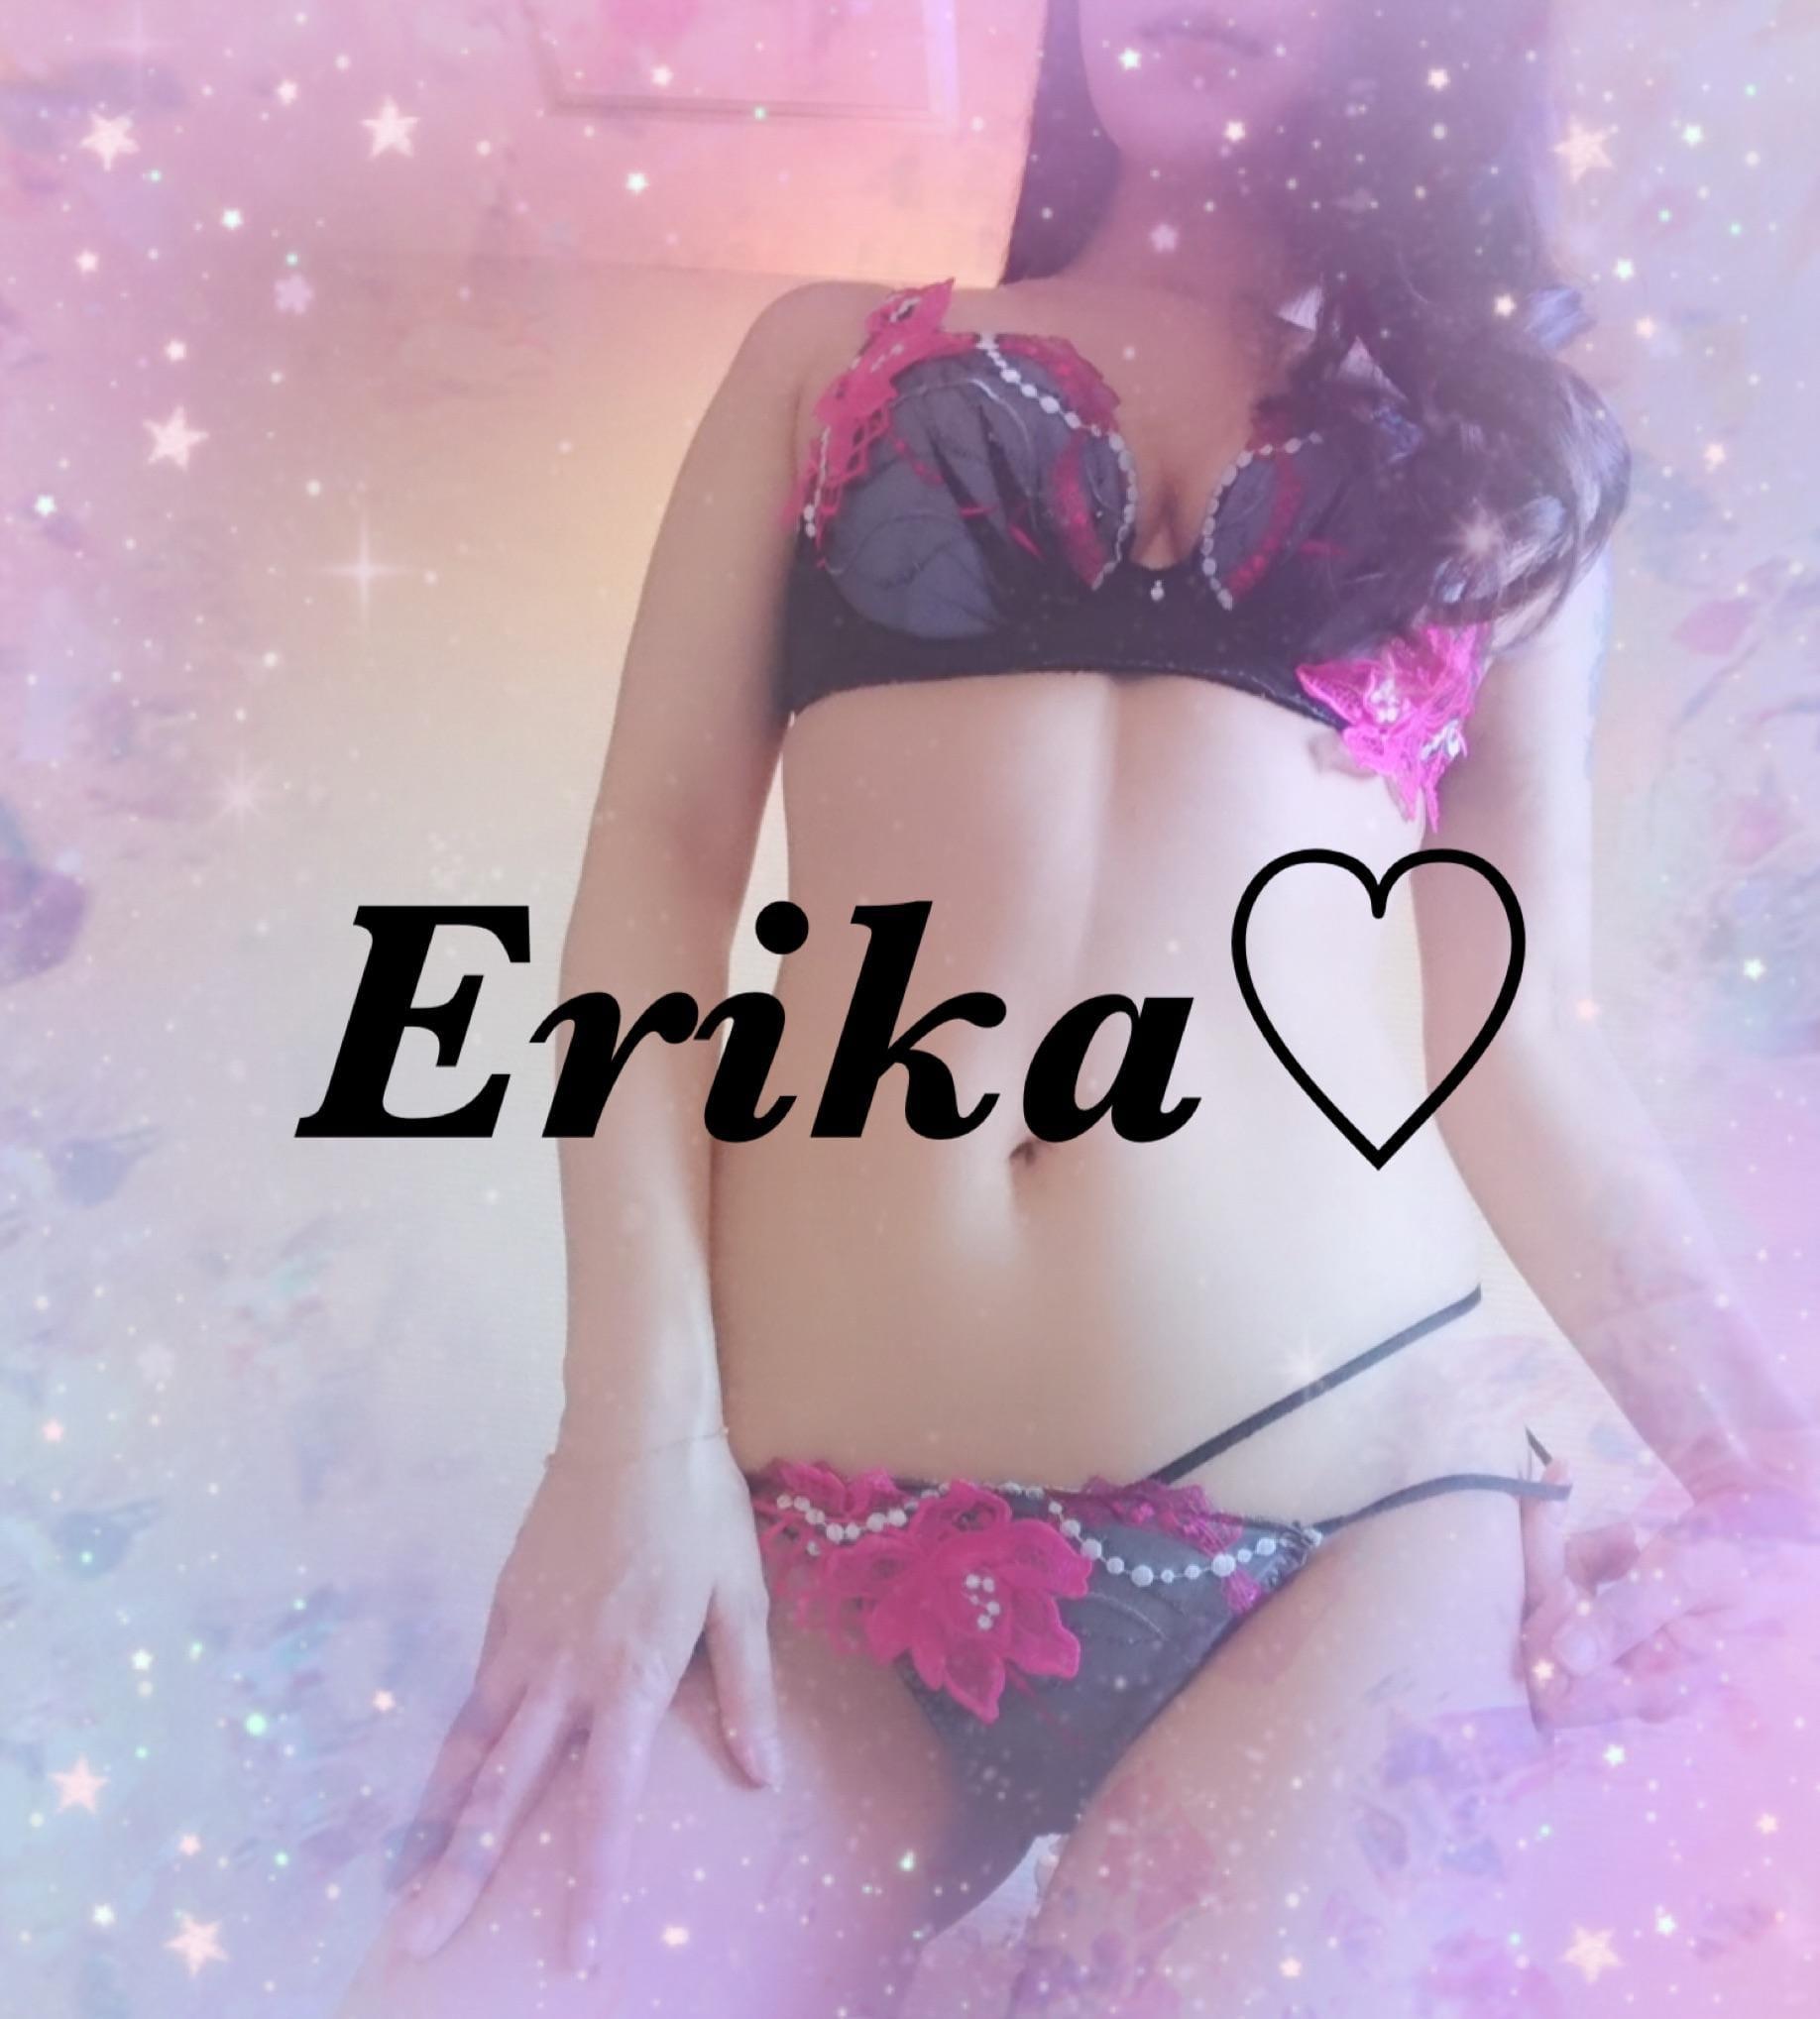 「出勤?」12/24(月) 16:12 | Erikaの写メ・風俗動画